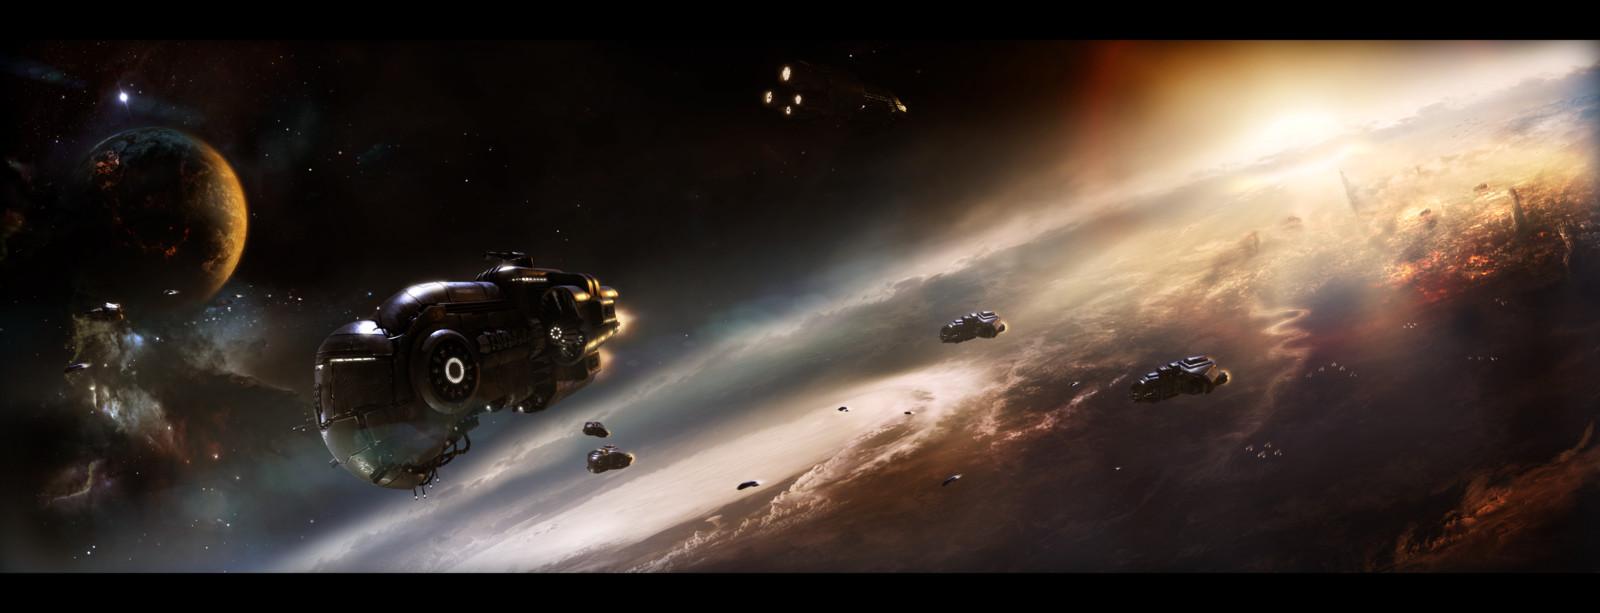 Get my fleet off the orbit